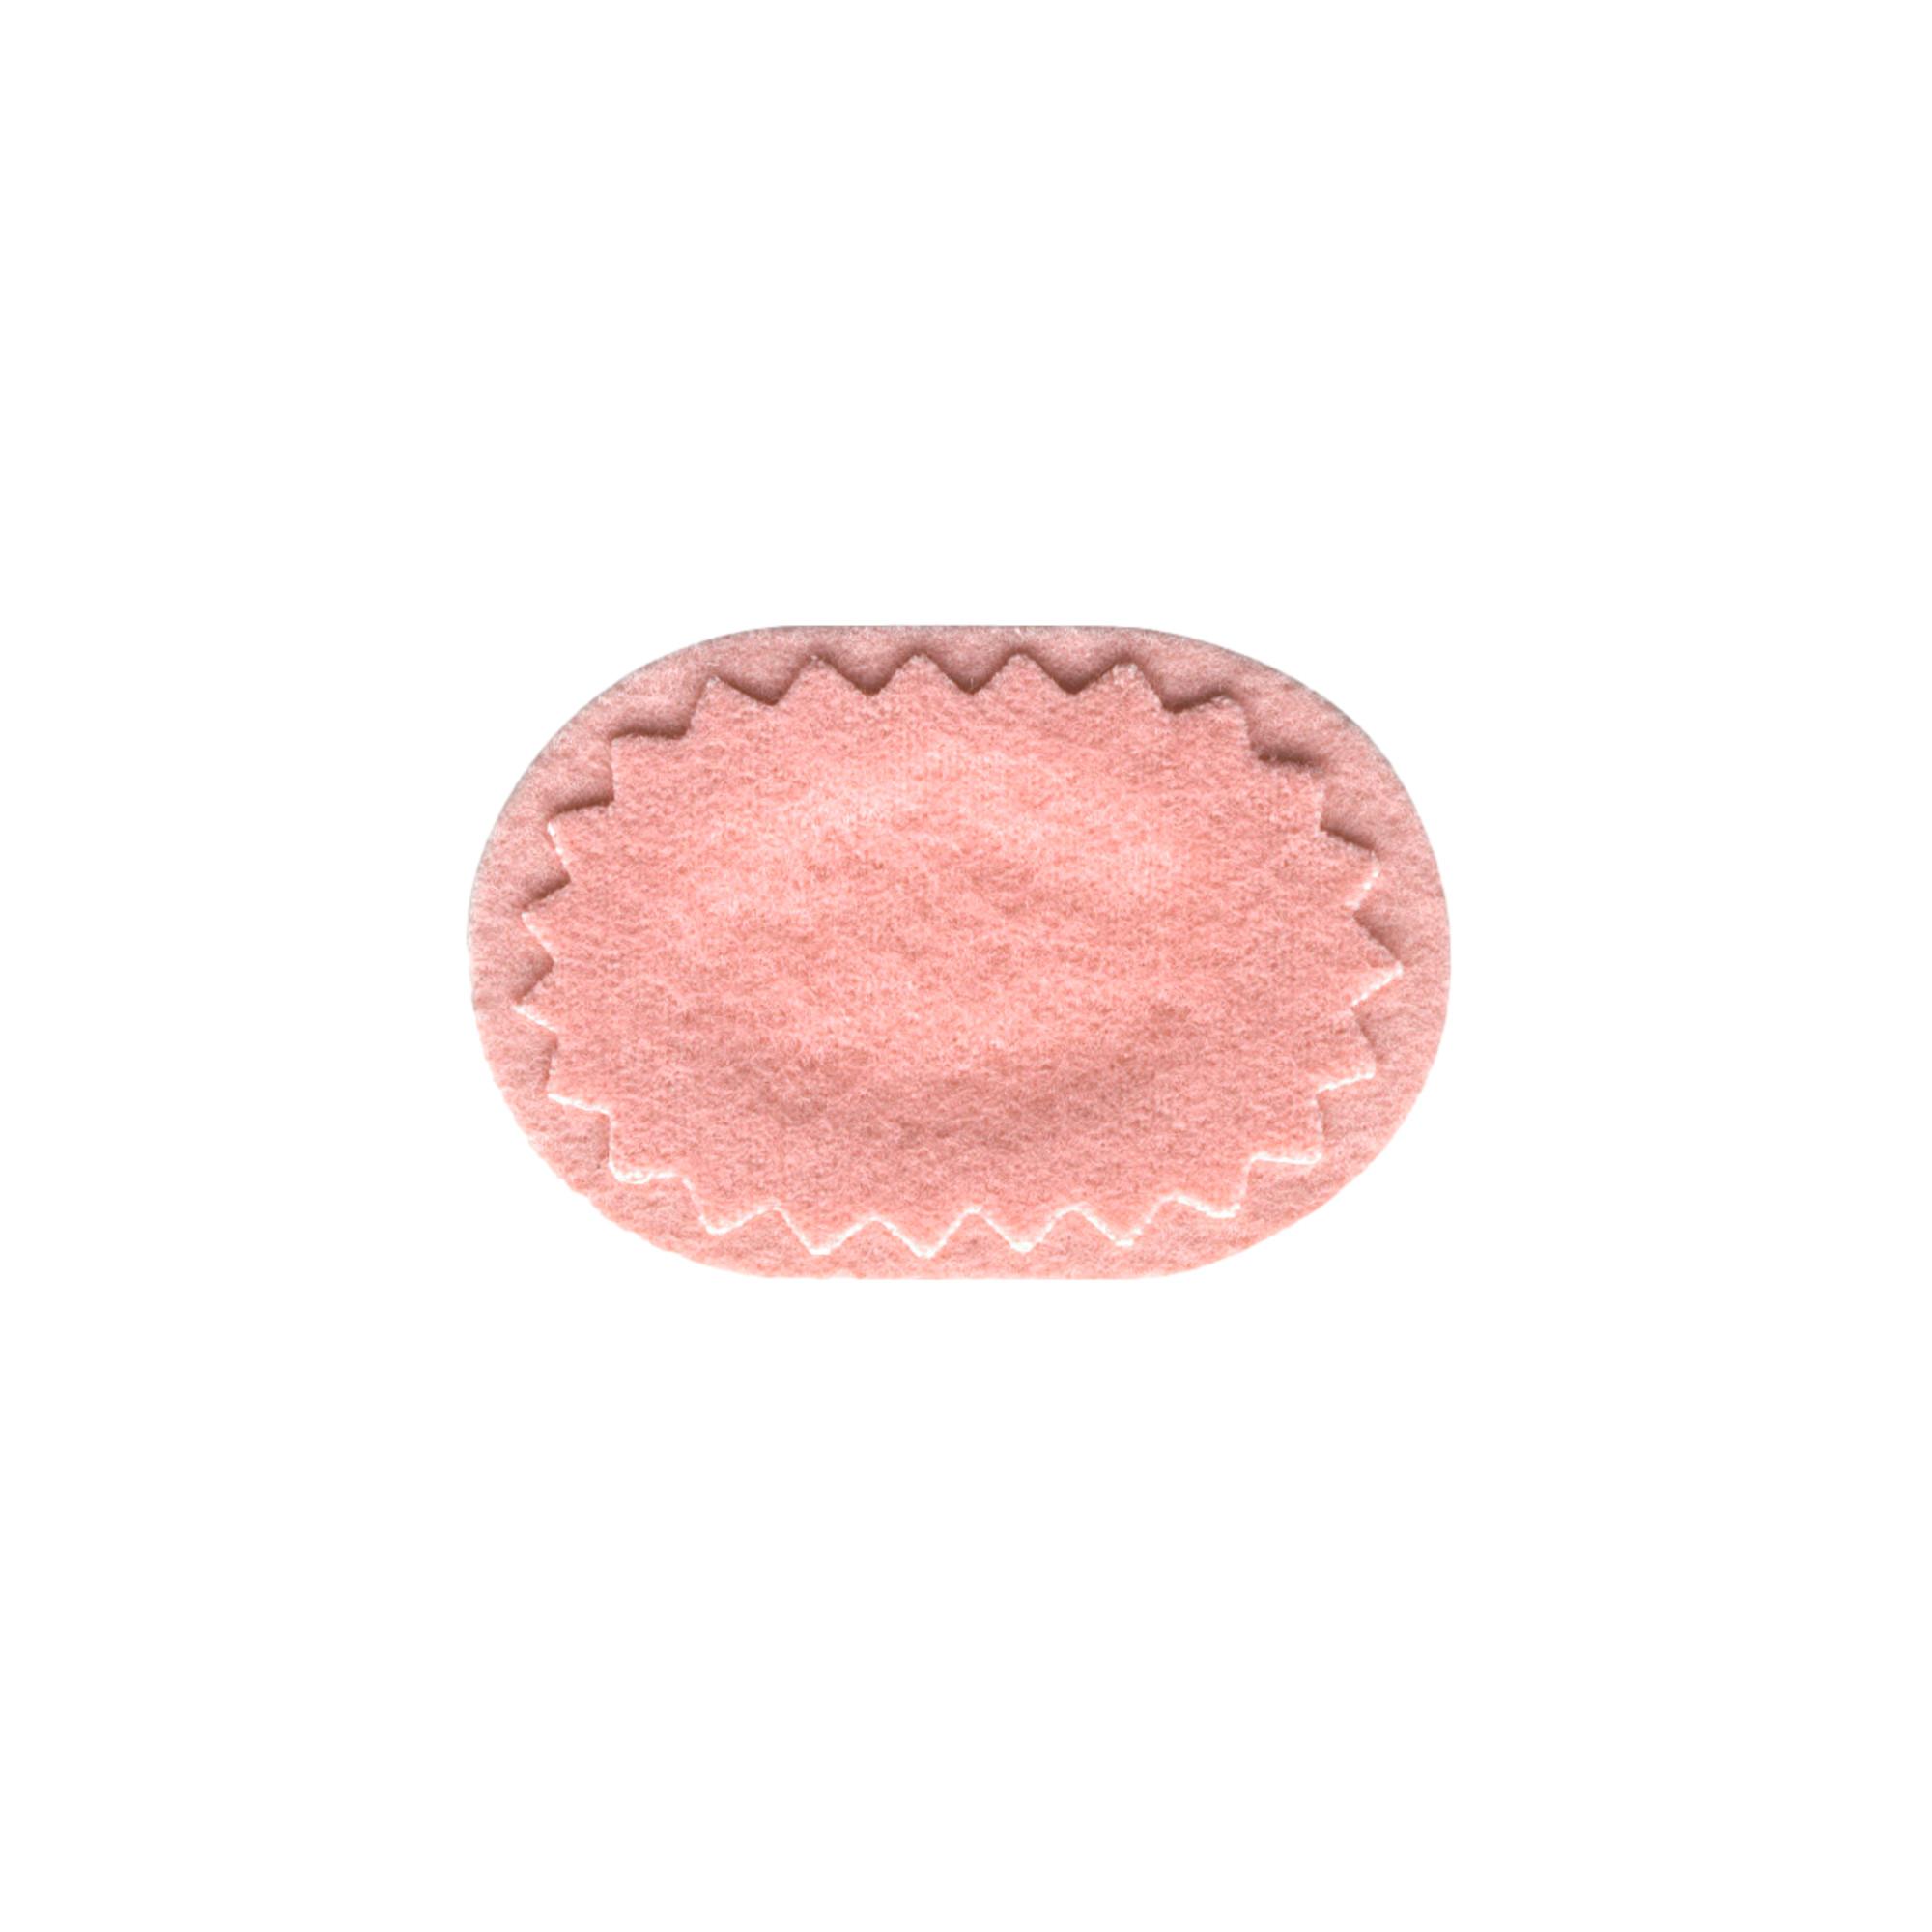 Patchs grand format protecteurs en feutre adhésif - Forme rectangulaire - Paquet de 4 pièces